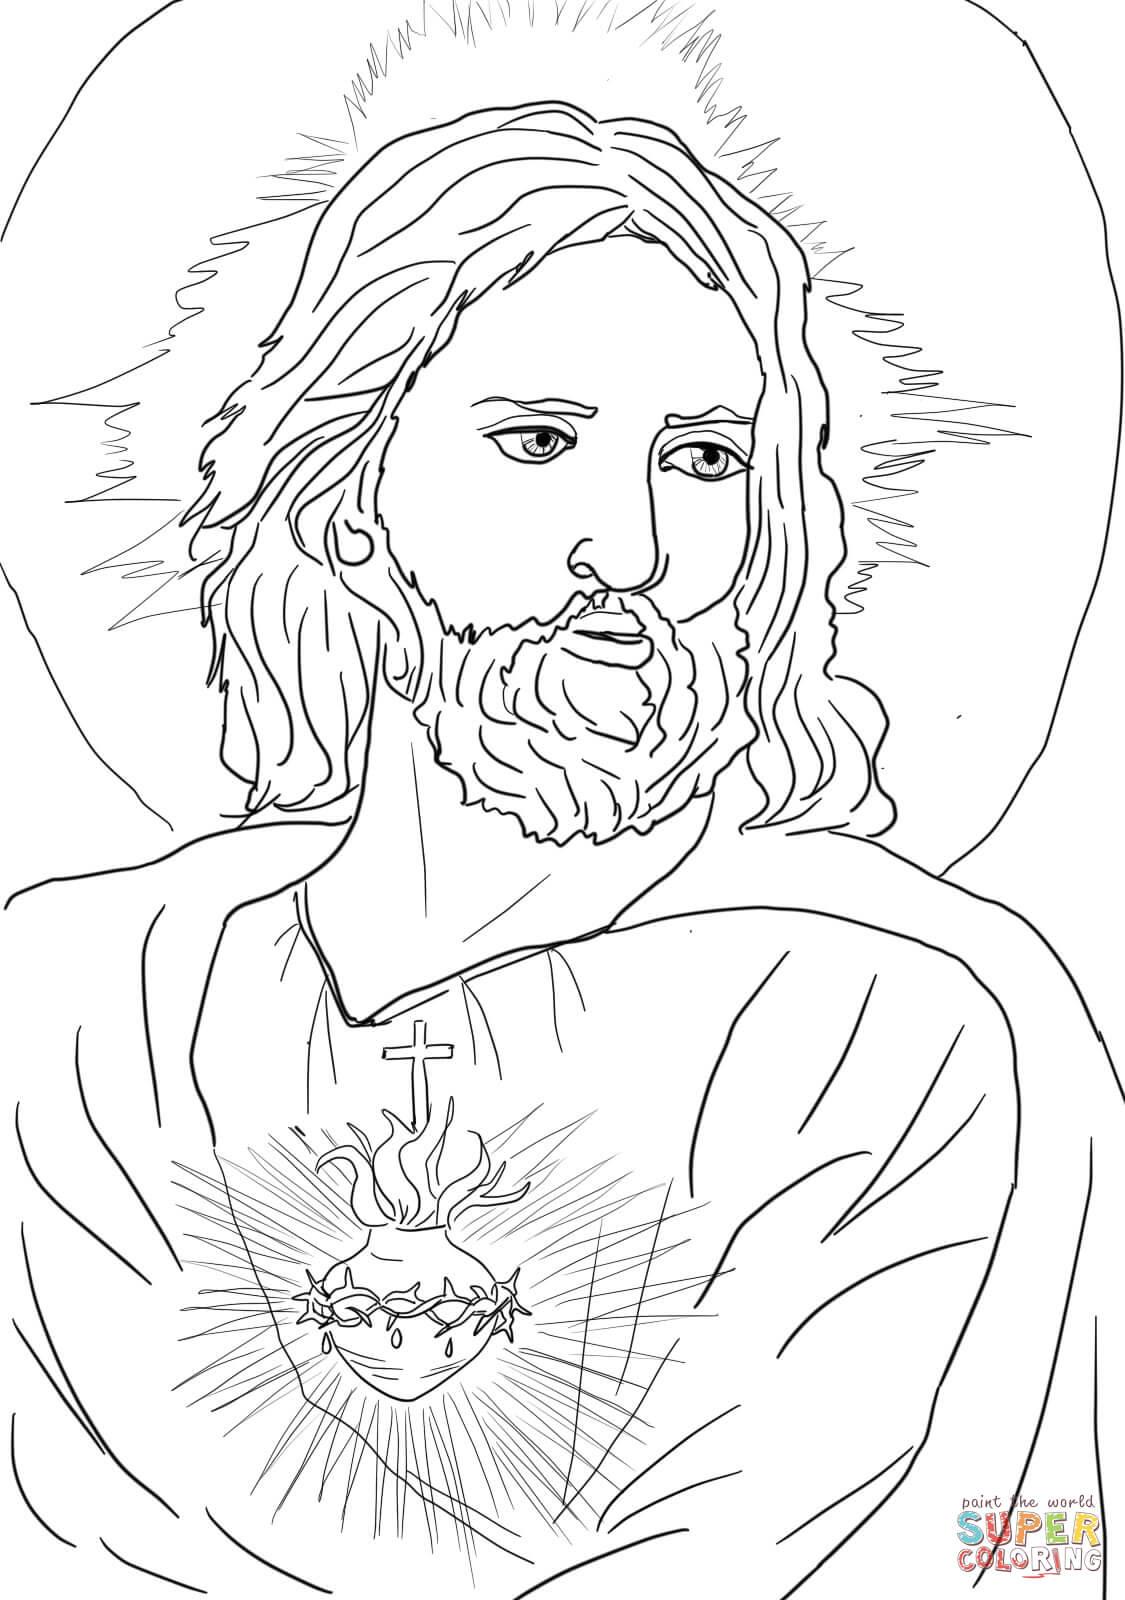 Desenho De Sagrado Coração De Jesus Para Colorir